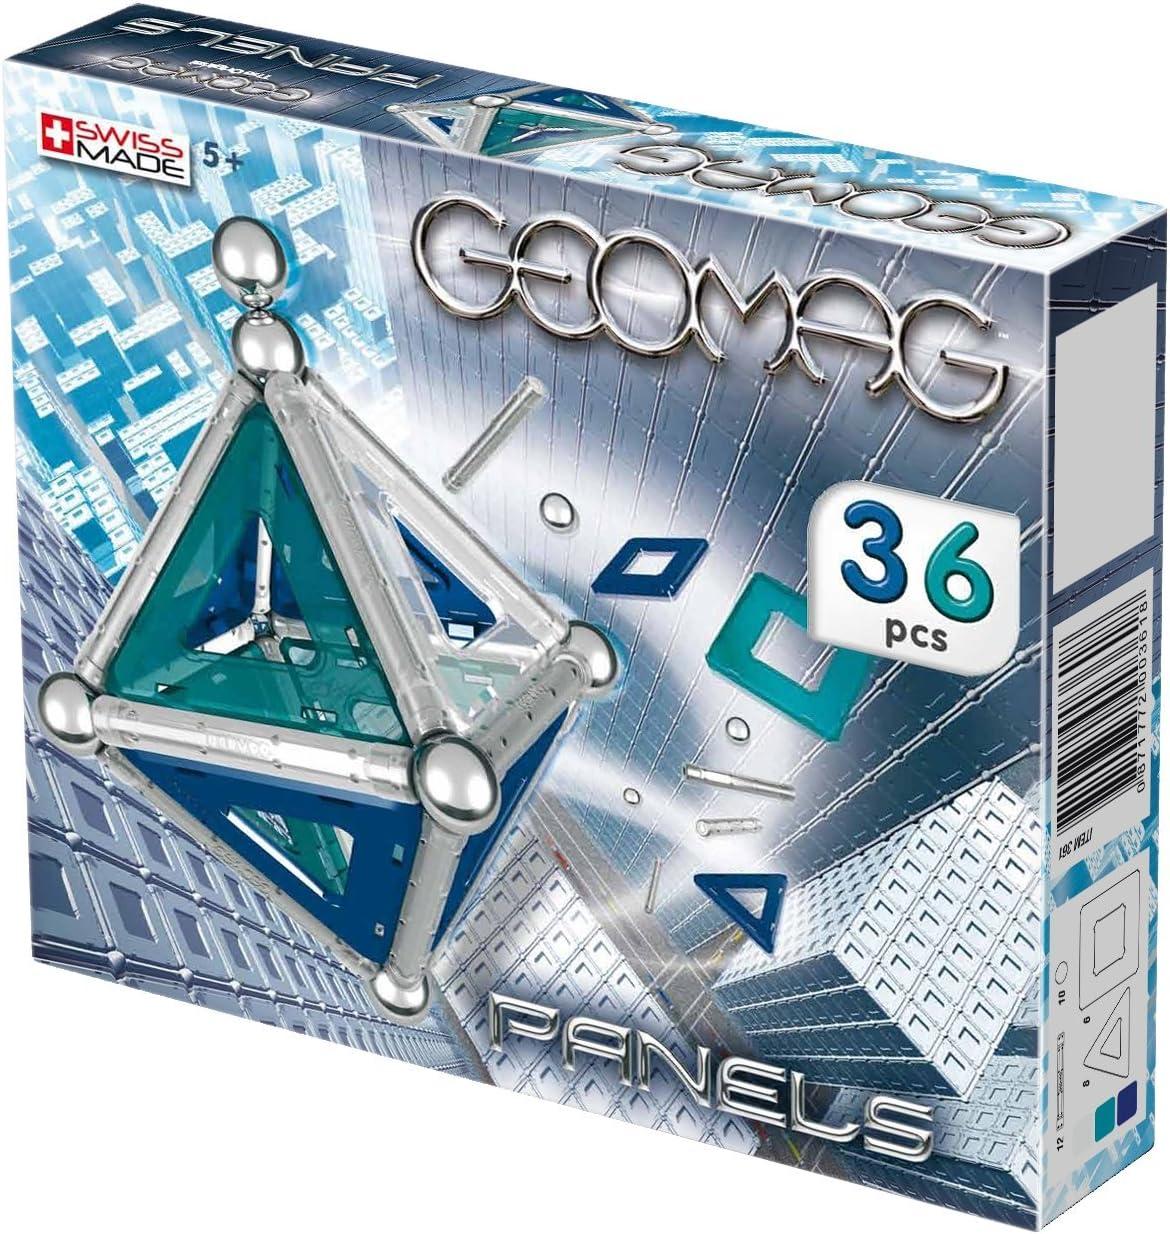 Giochi Prezziosi GEOMAG Kids Panels - 36 Piezas: Amazon.es: Juguetes y juegos